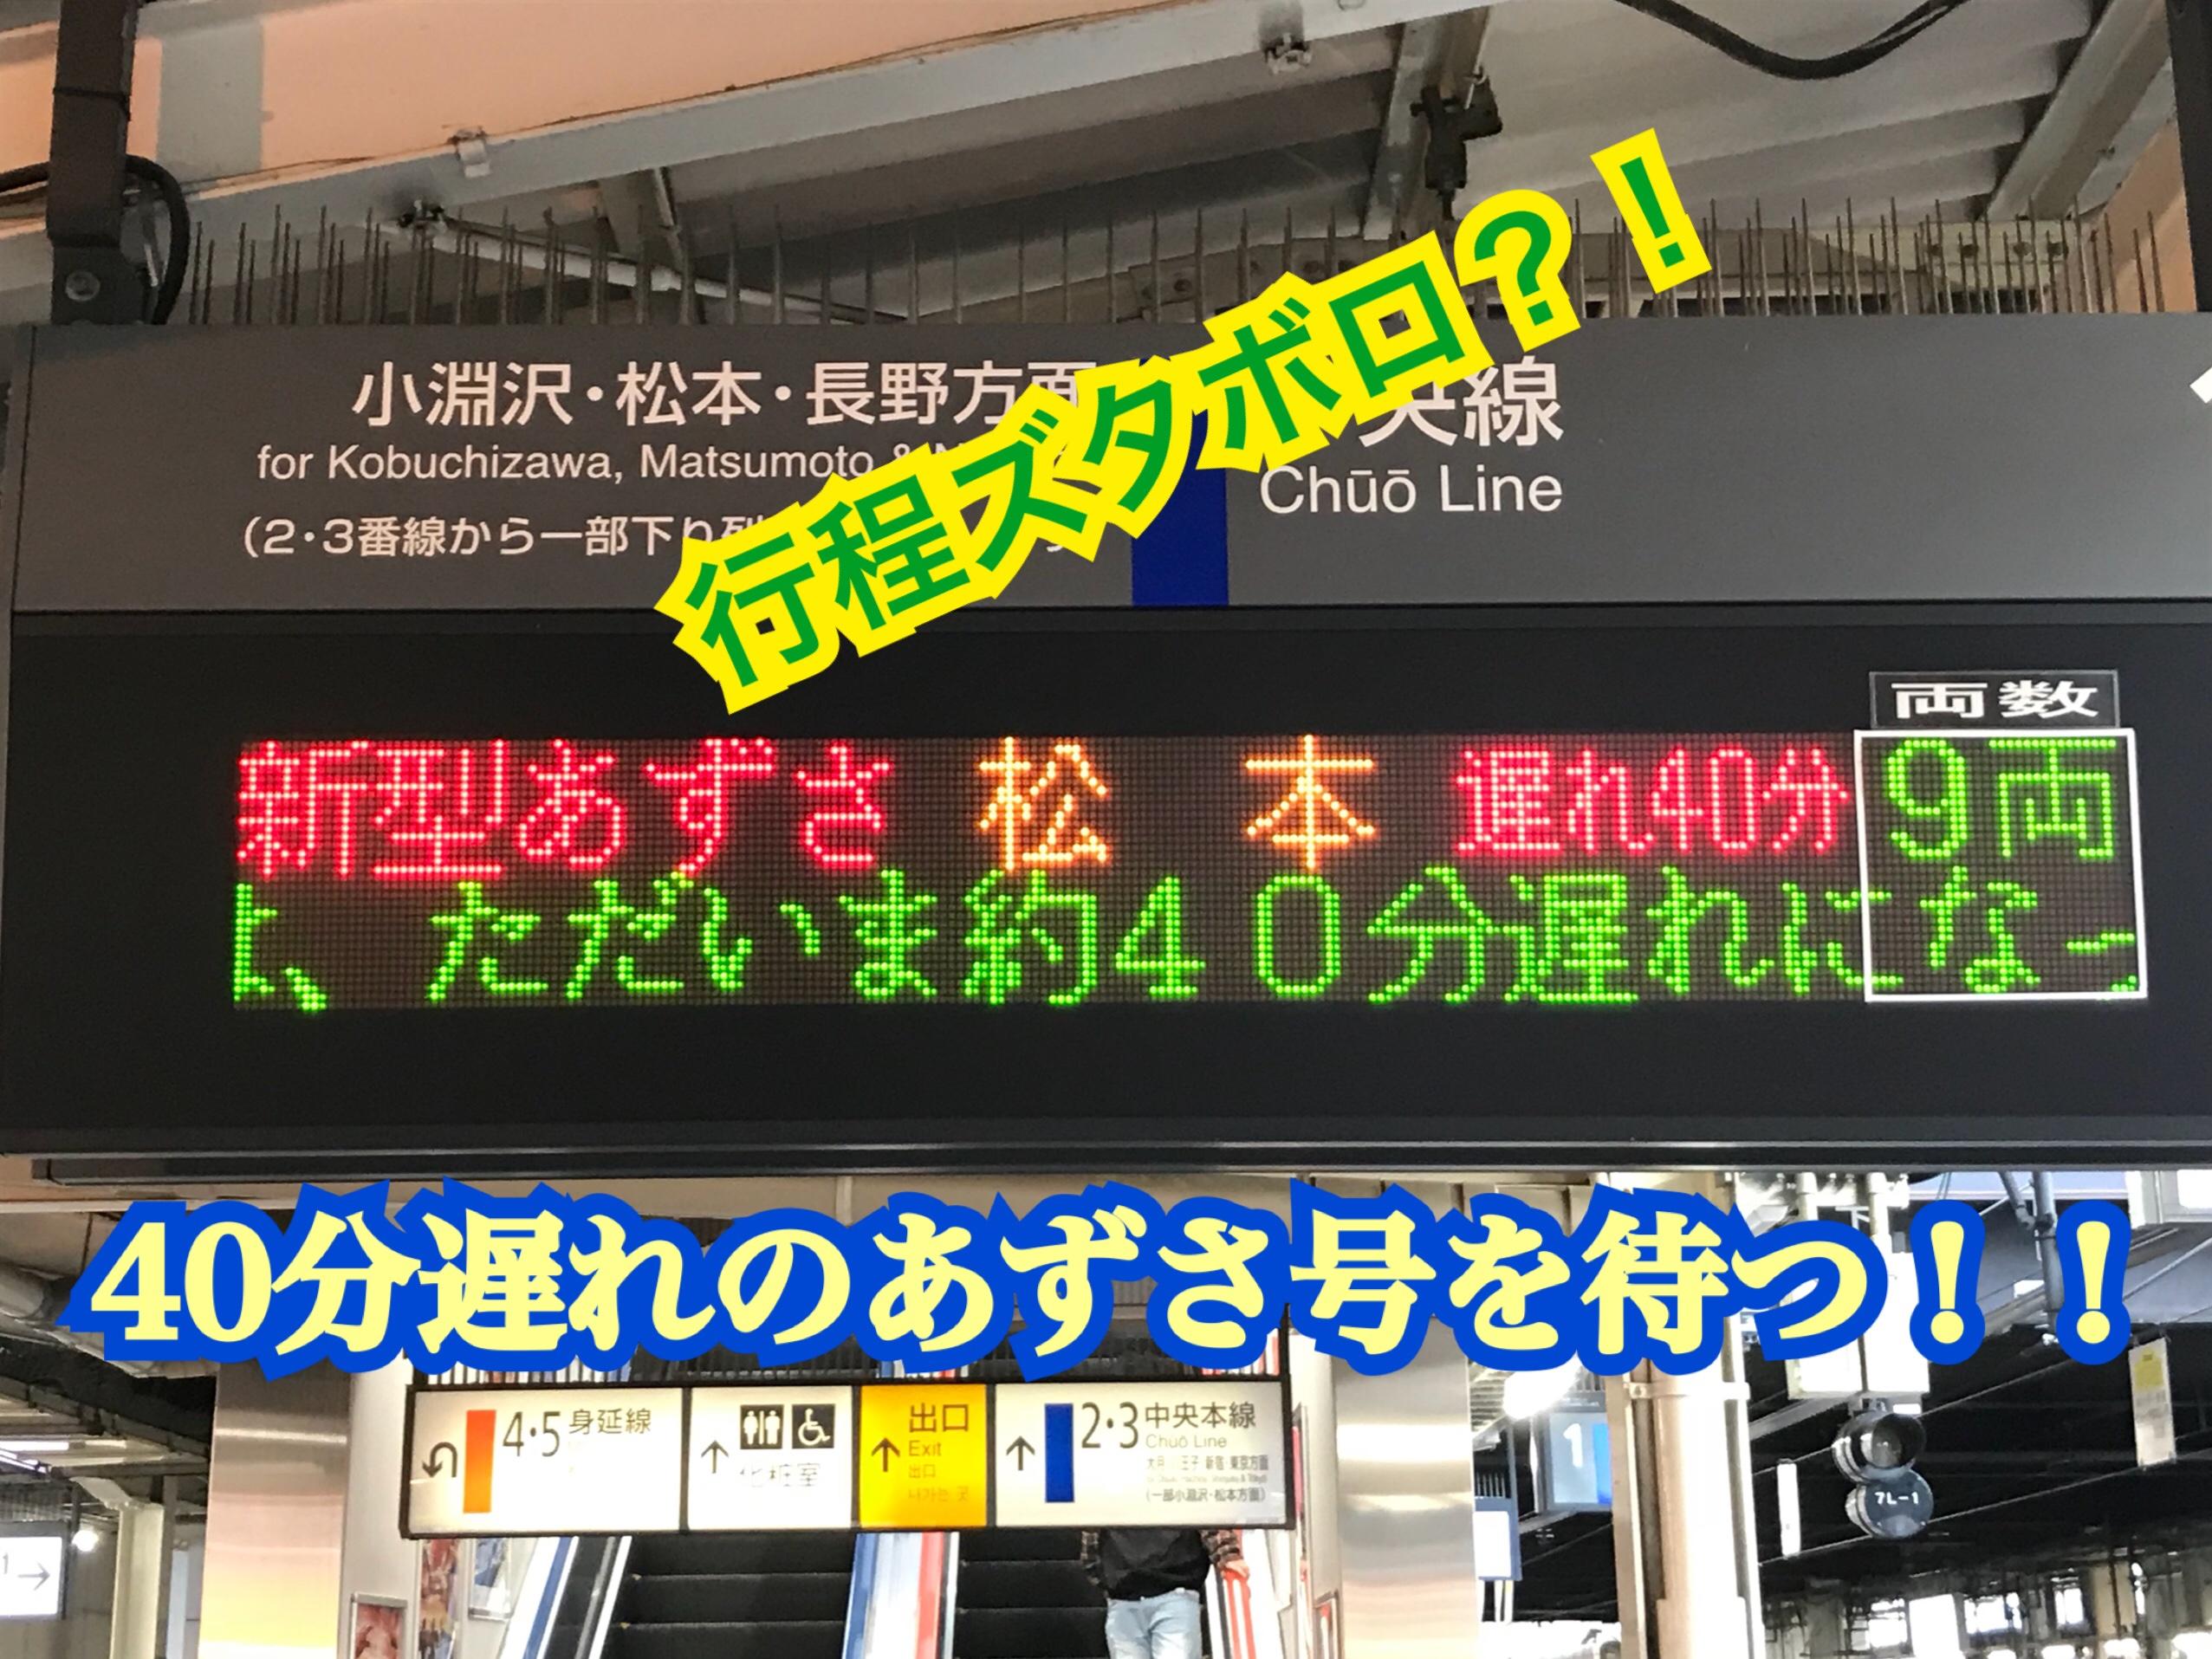 大幅遅れ?!特急あずさ号がめちゃくちゃ遅れてました。甲府駅周辺観光だ!【中央線特急乗継の旅】